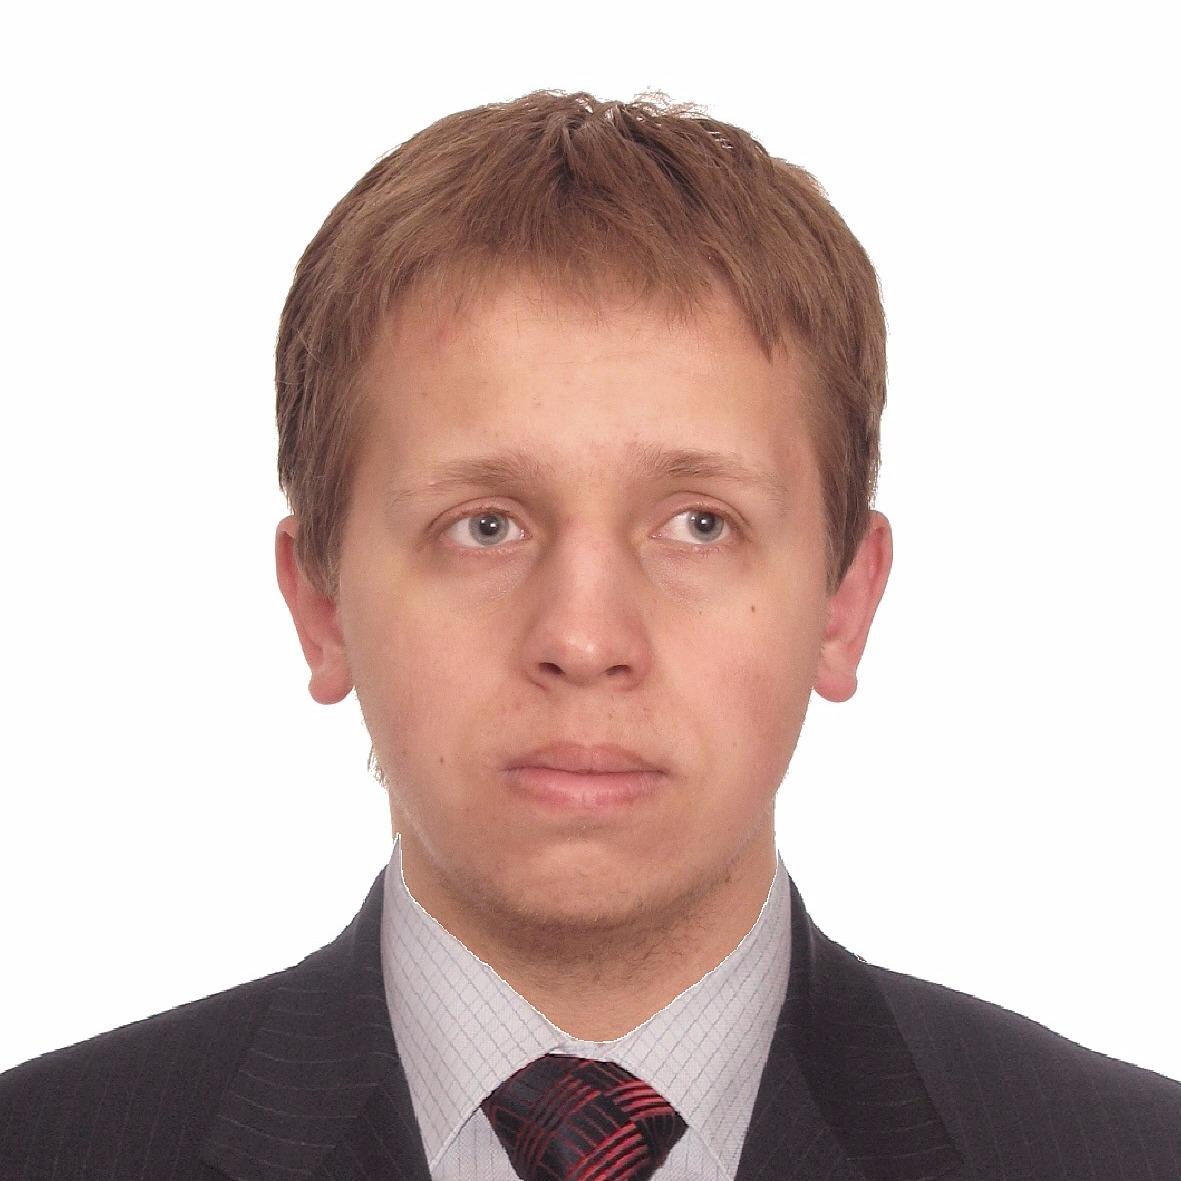 Максим Казаков